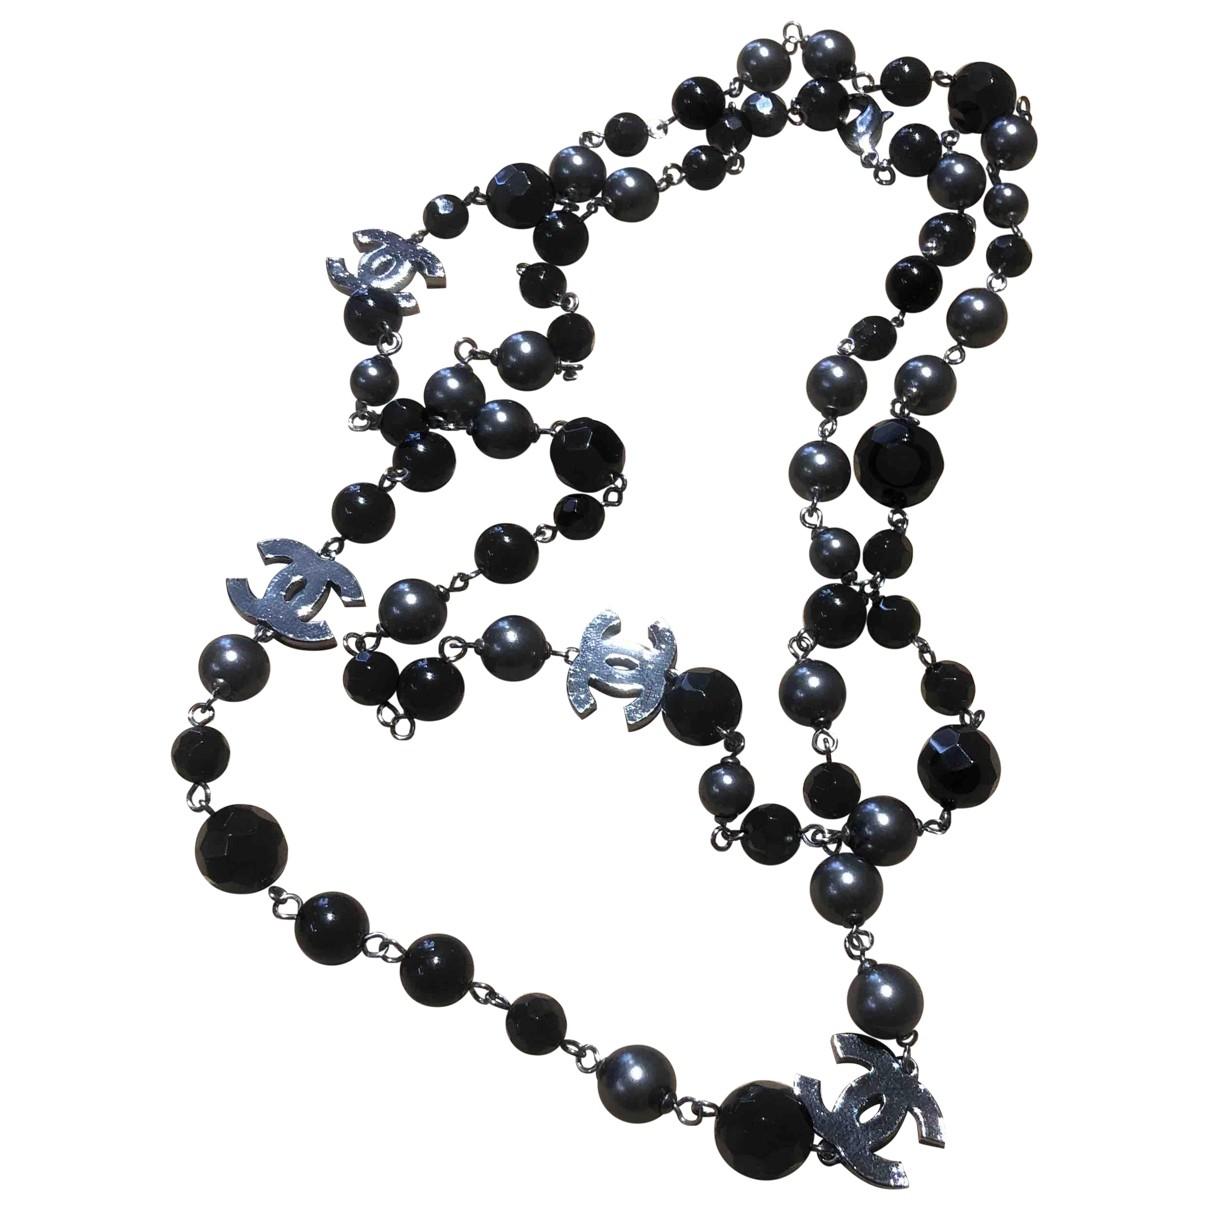 Chanel \N Kette in  Grau Perlen